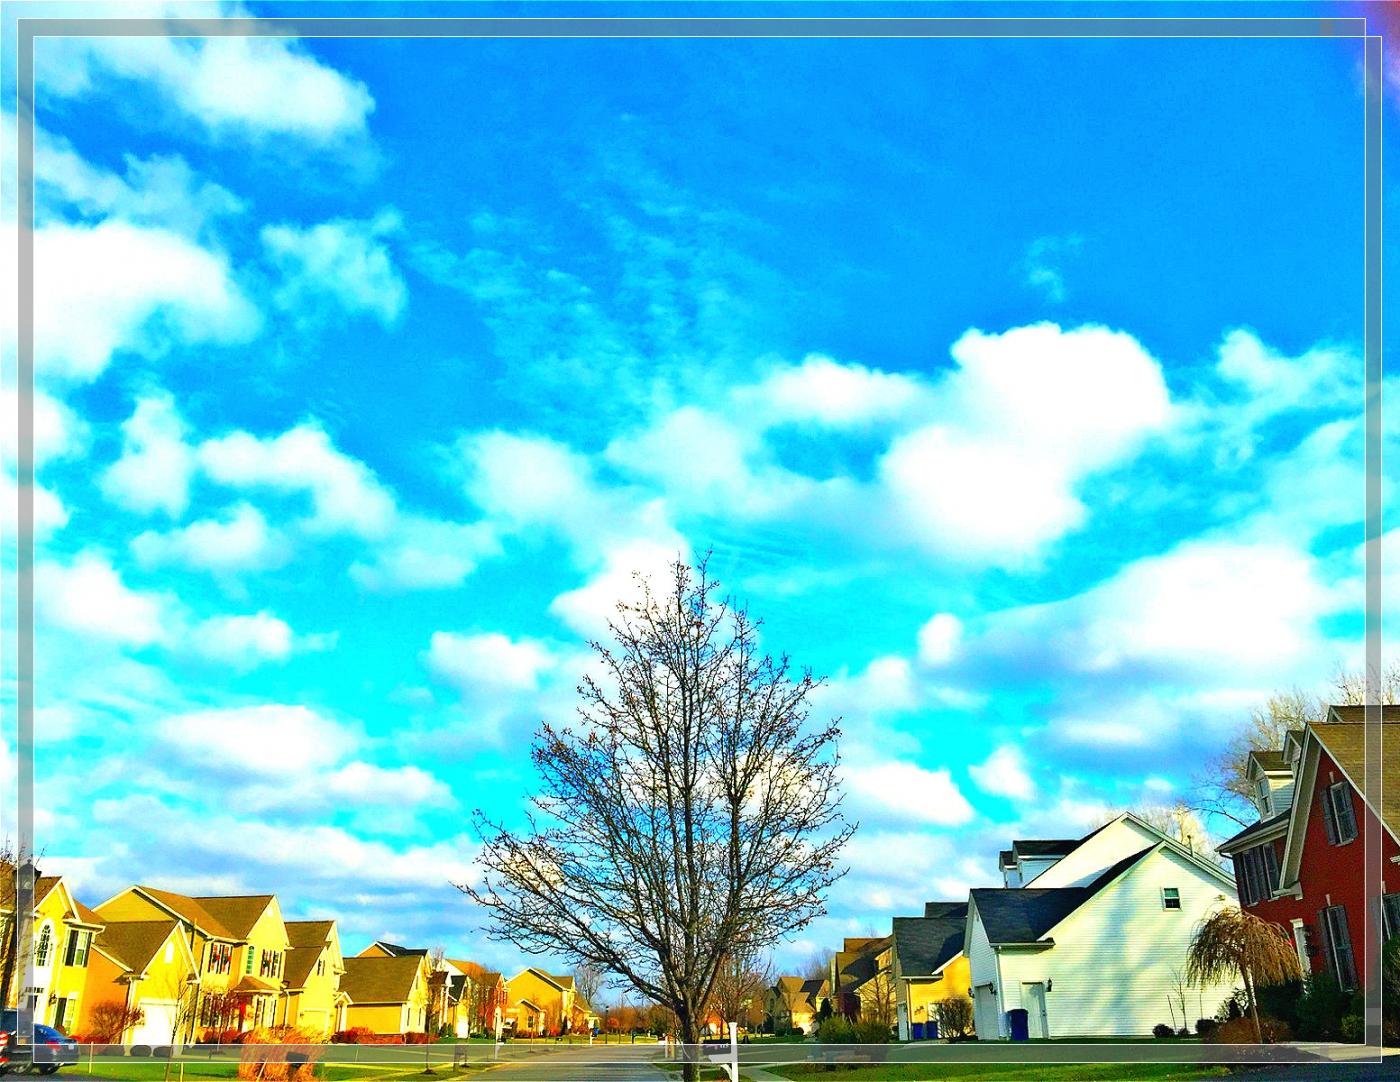 4格照片---蓝蓝的天空白云飘_图1-3